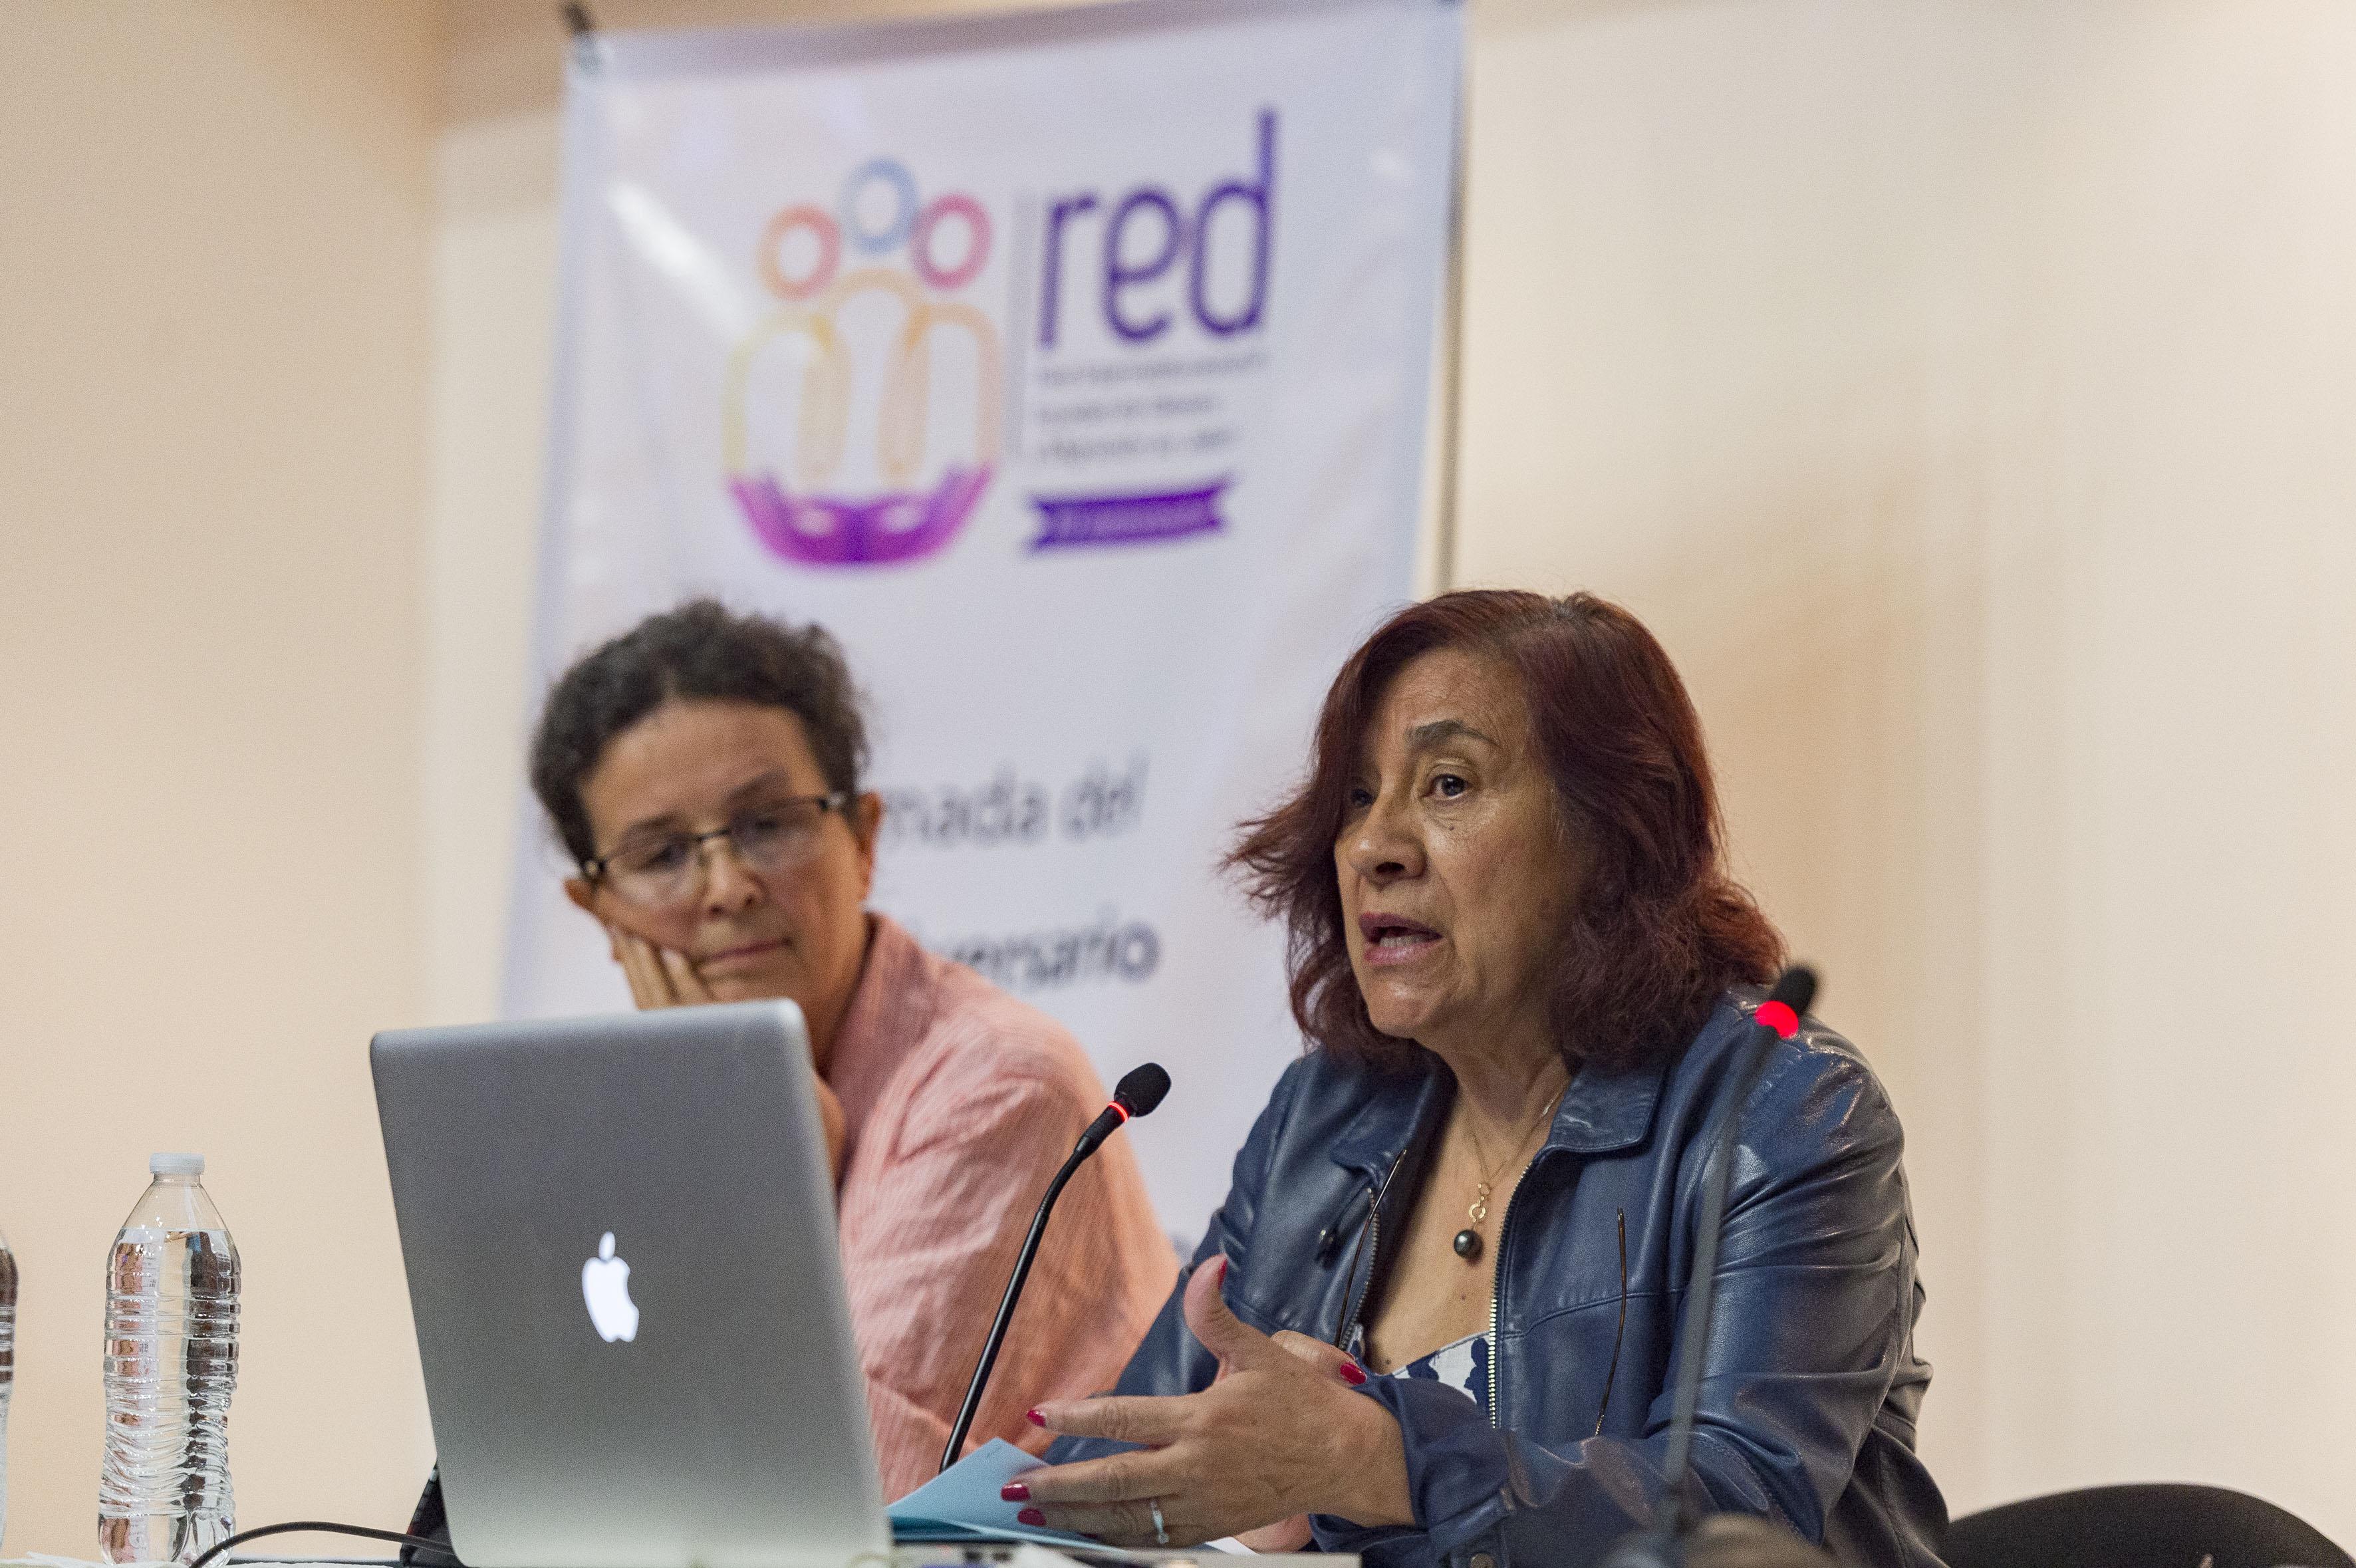 Doctora Rosa Rojas, investigadora del CUCEA, haciendo uso de la palabra, durante el desarrollo del panel